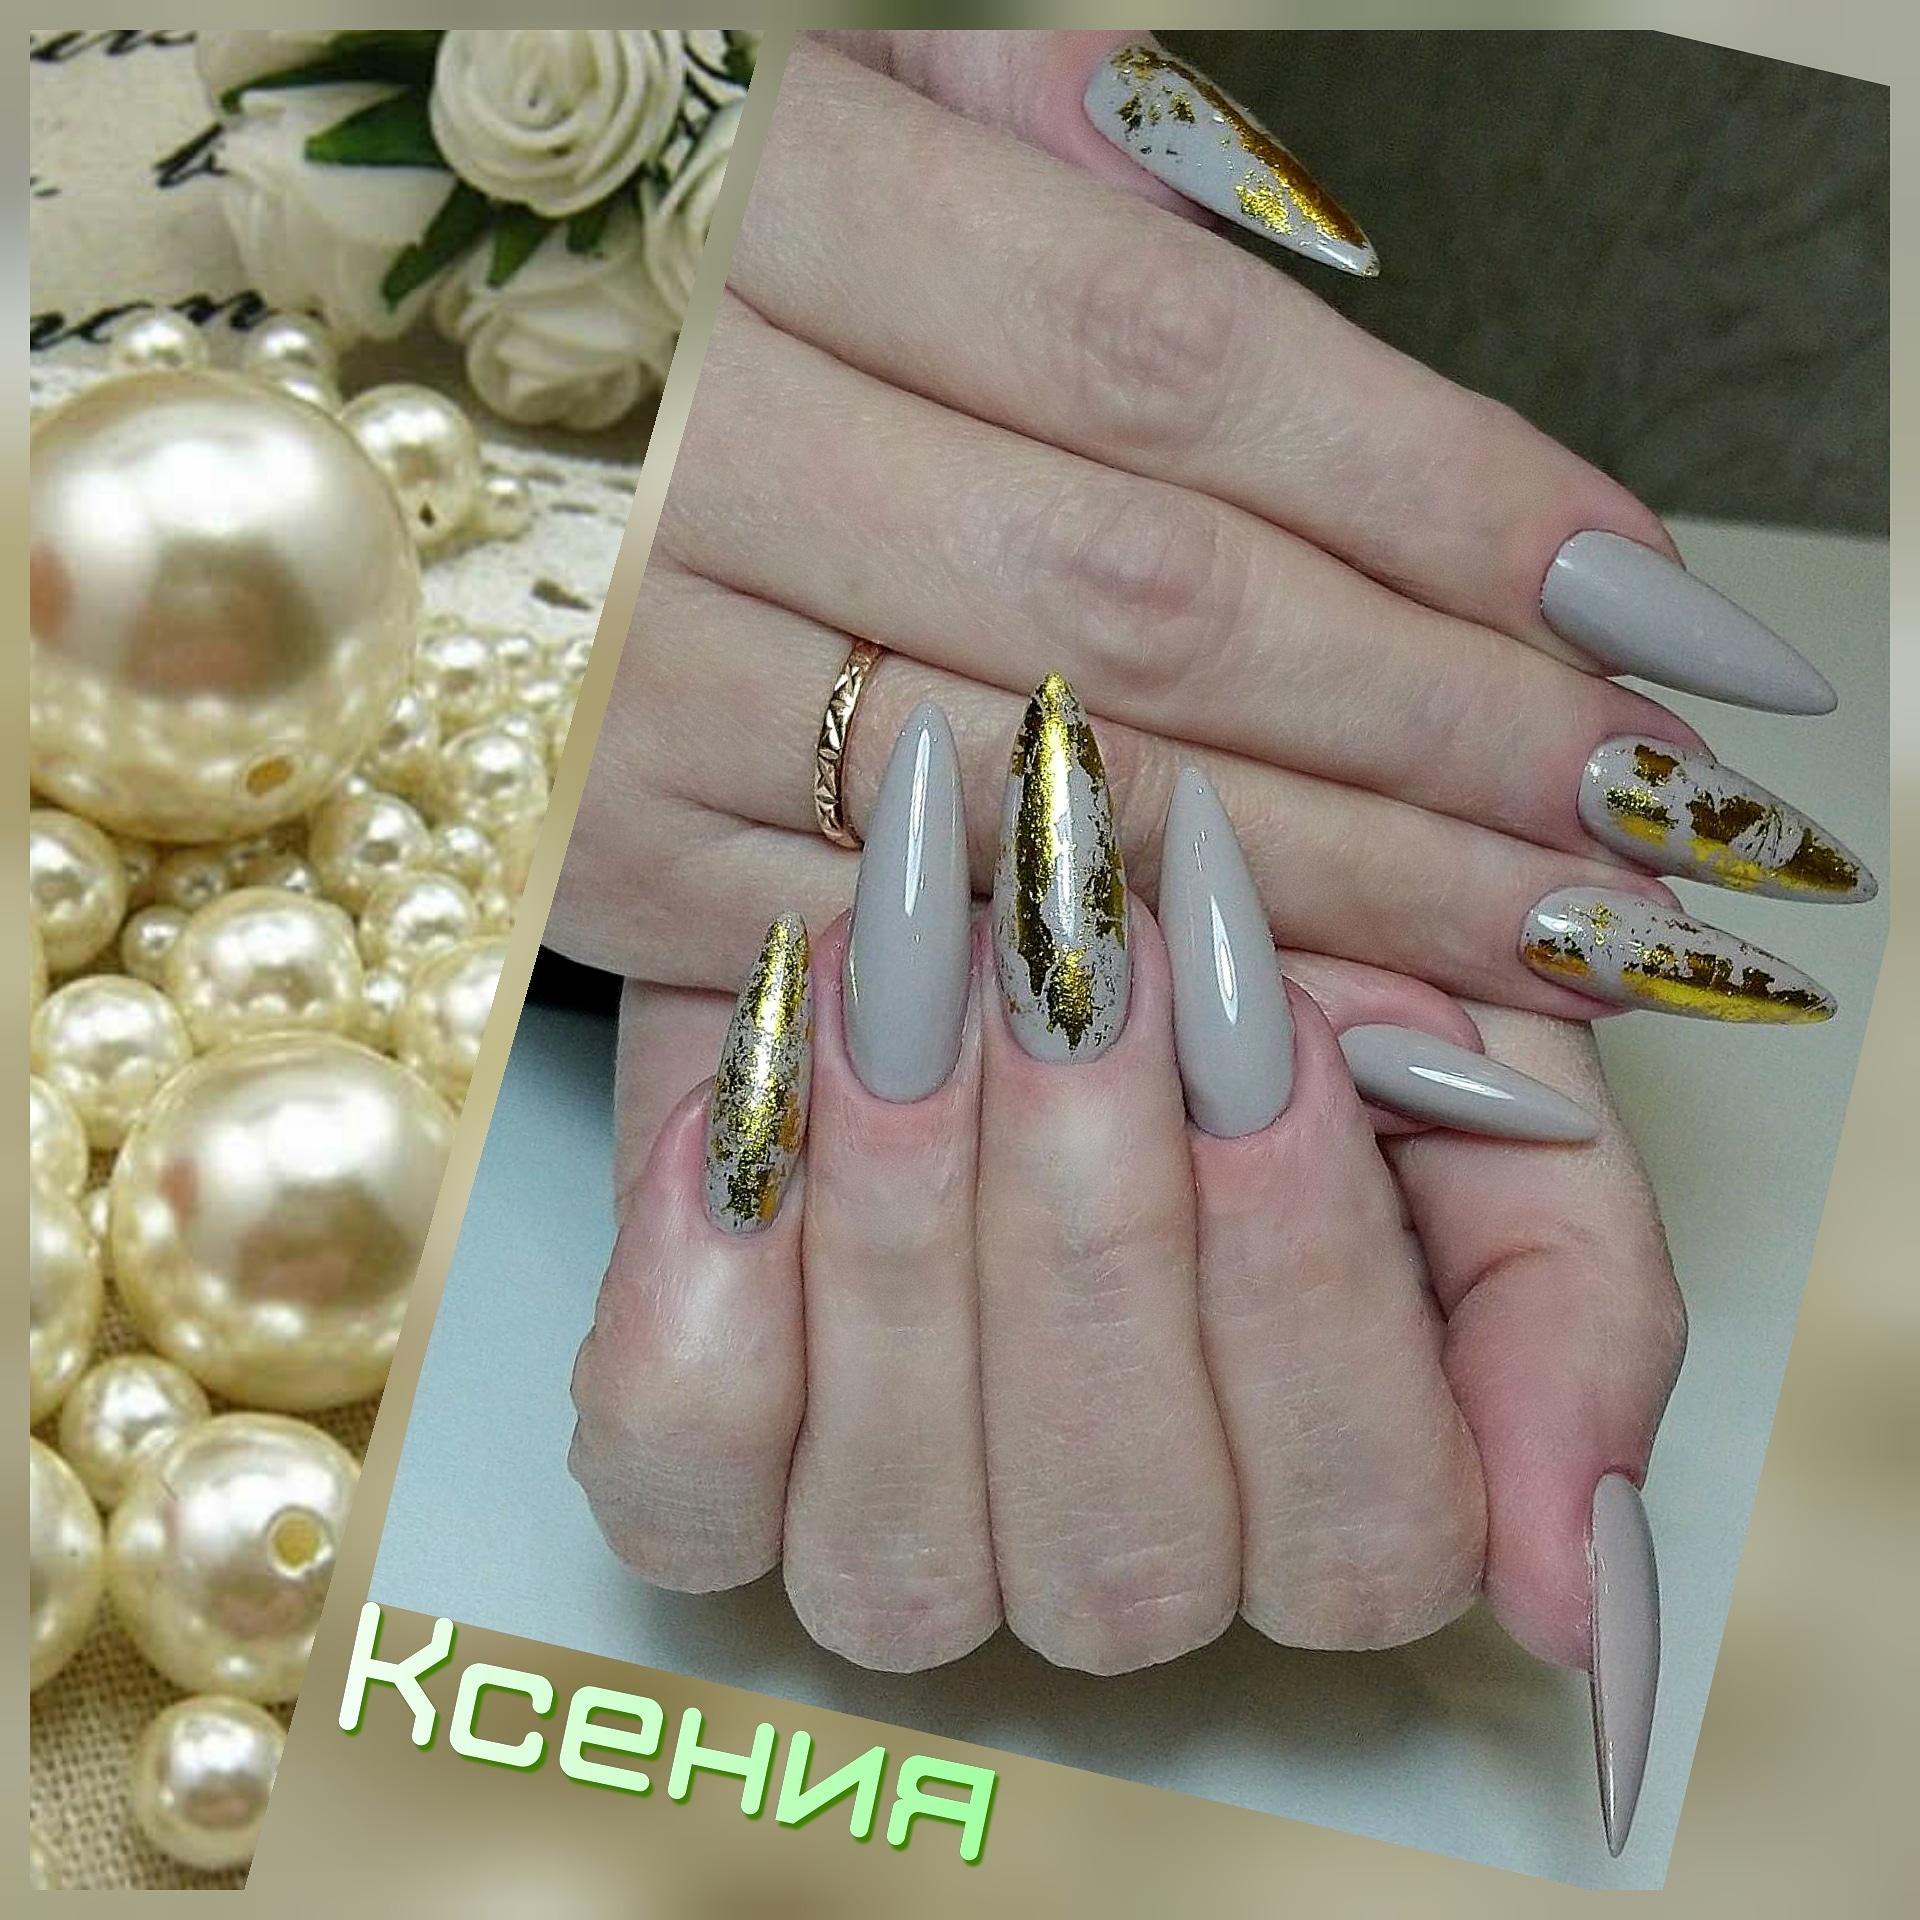 Маникюр с золотой фольгой в сером цвете на длинные ногти.